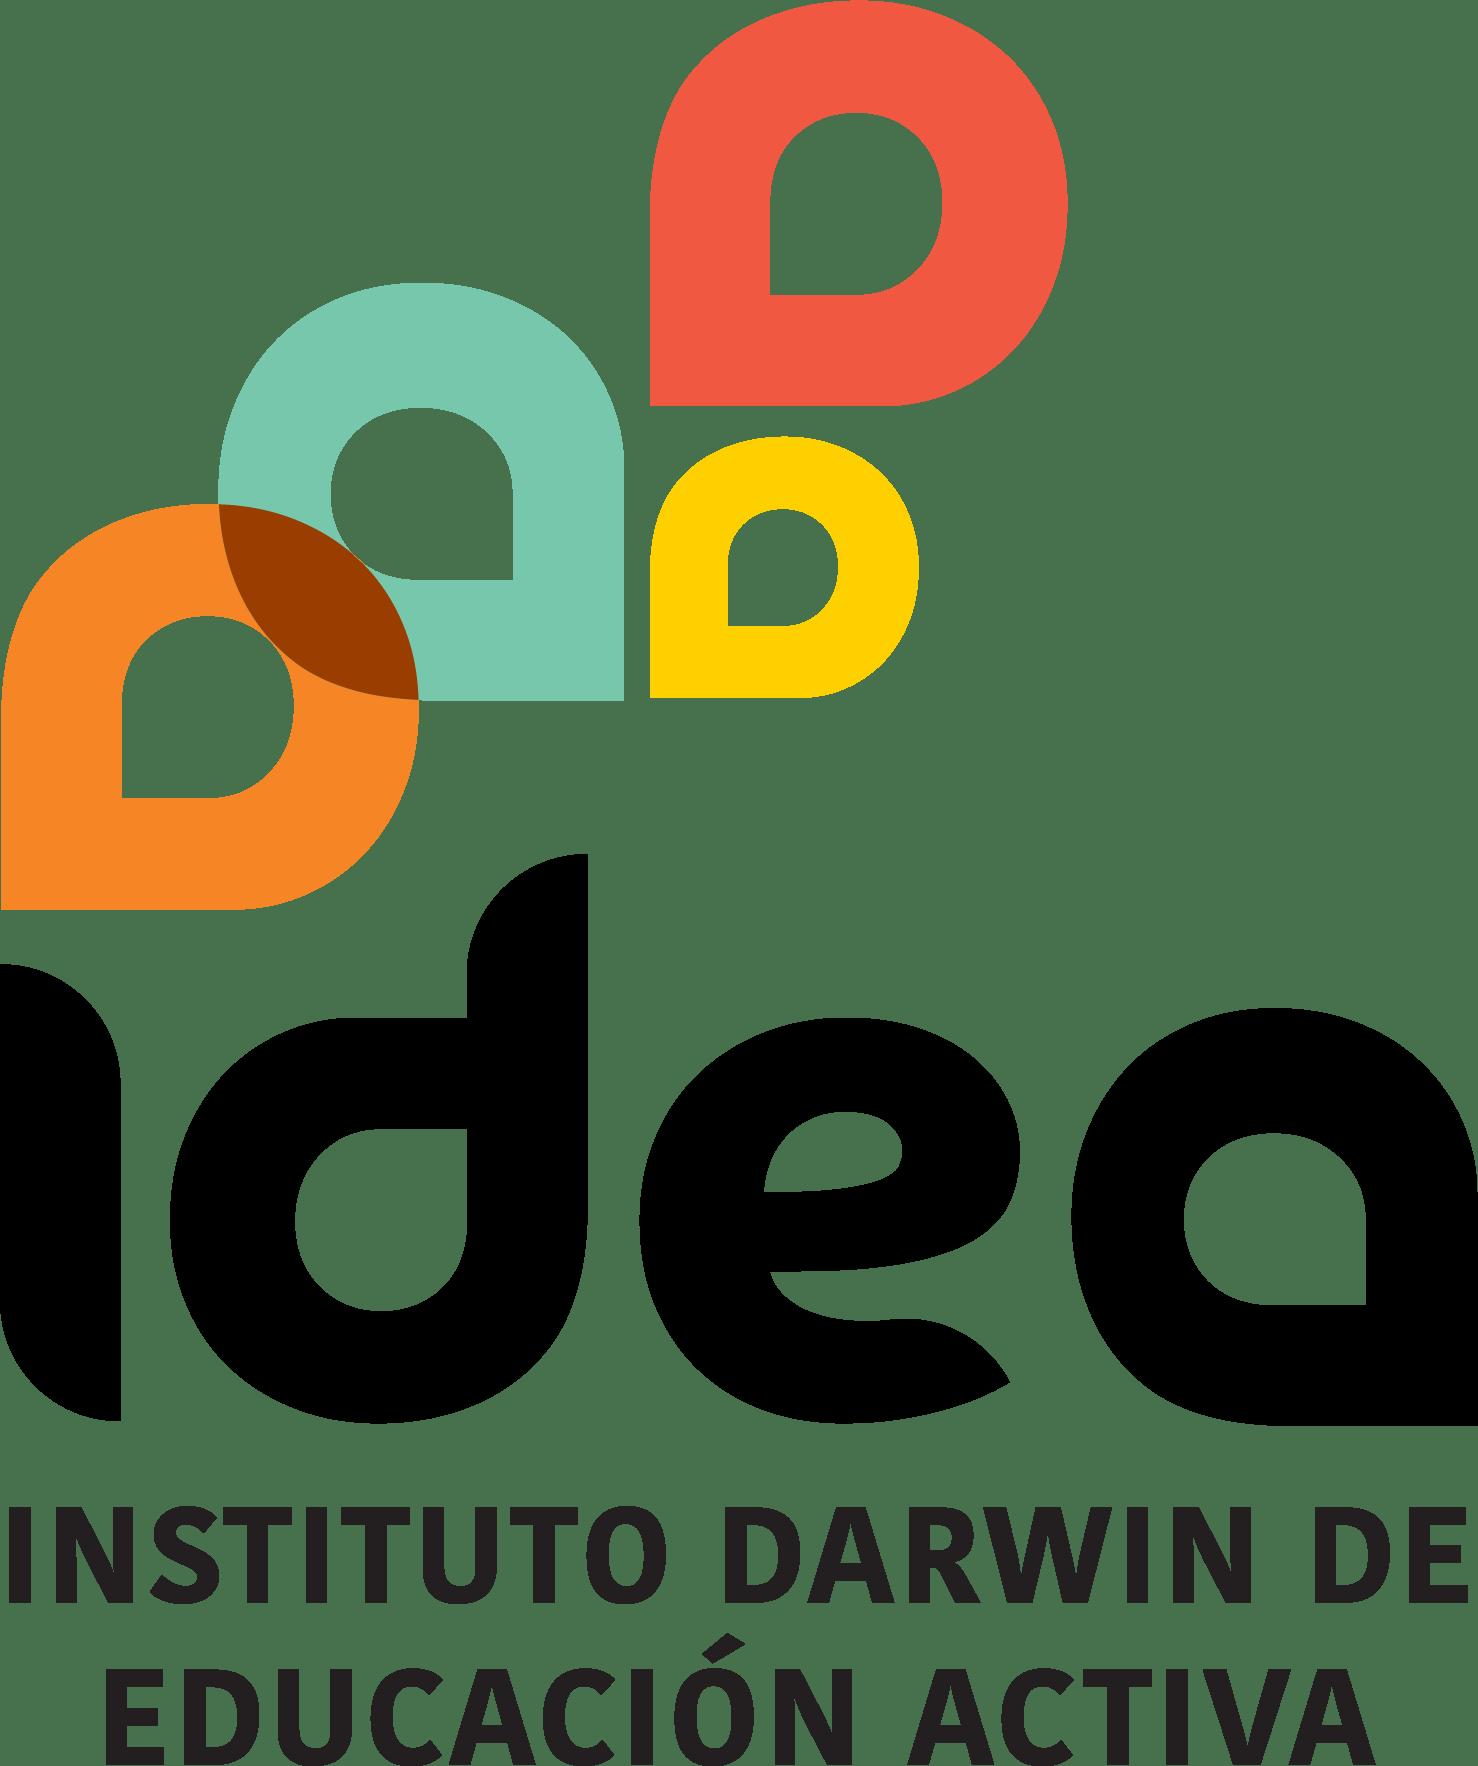 IDEA_Primario Positivo General - fondo blanco